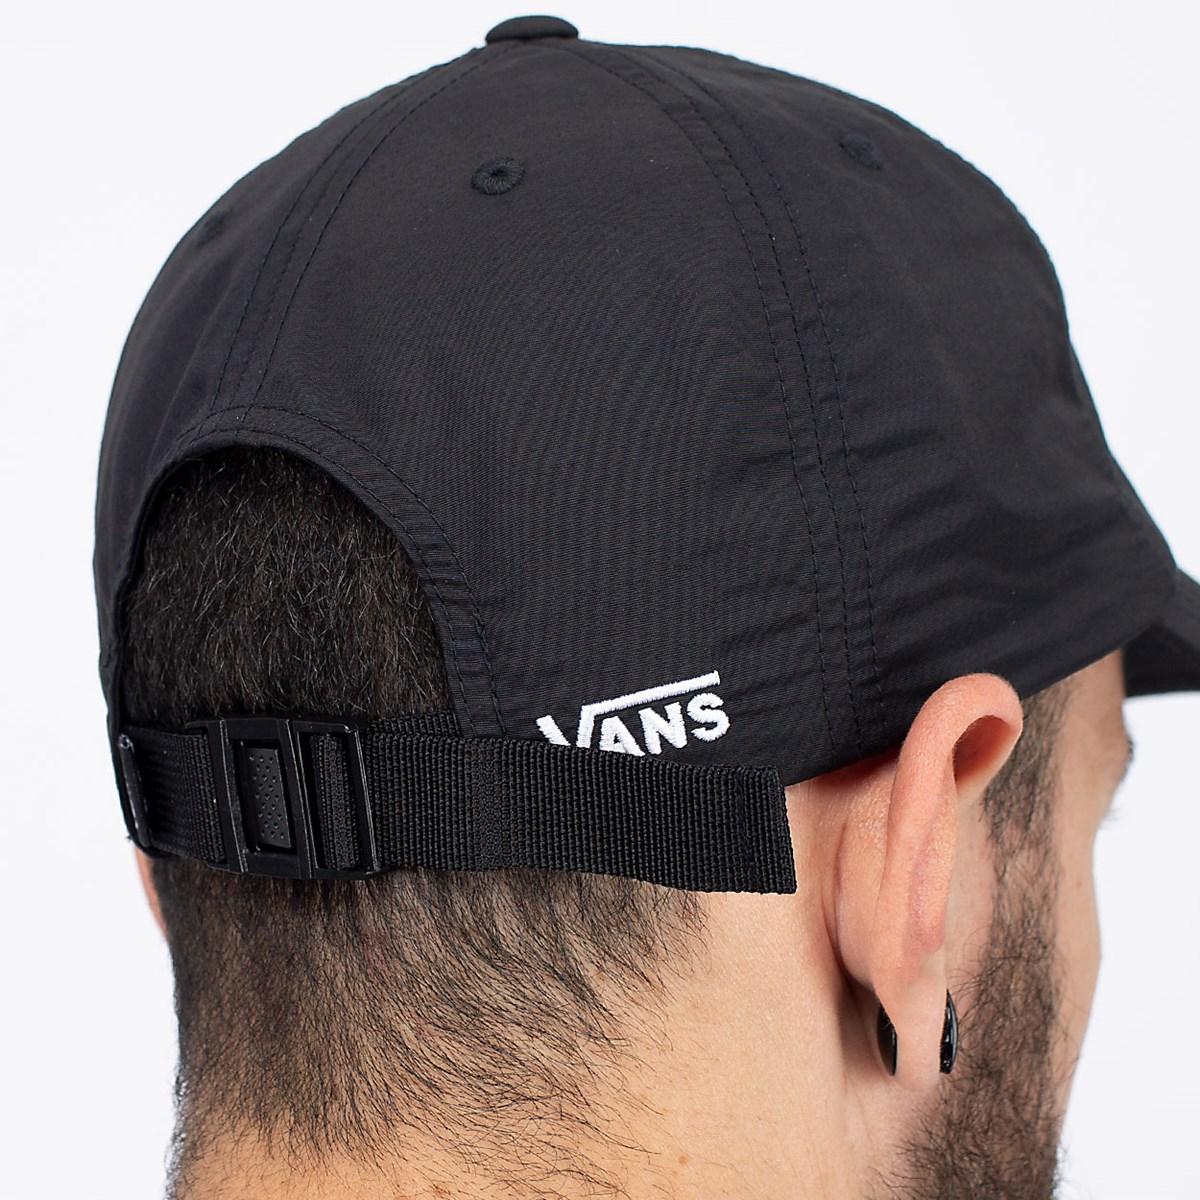 Boné Vans Nylon Court Side Hat Black VN0A5DPBBLK